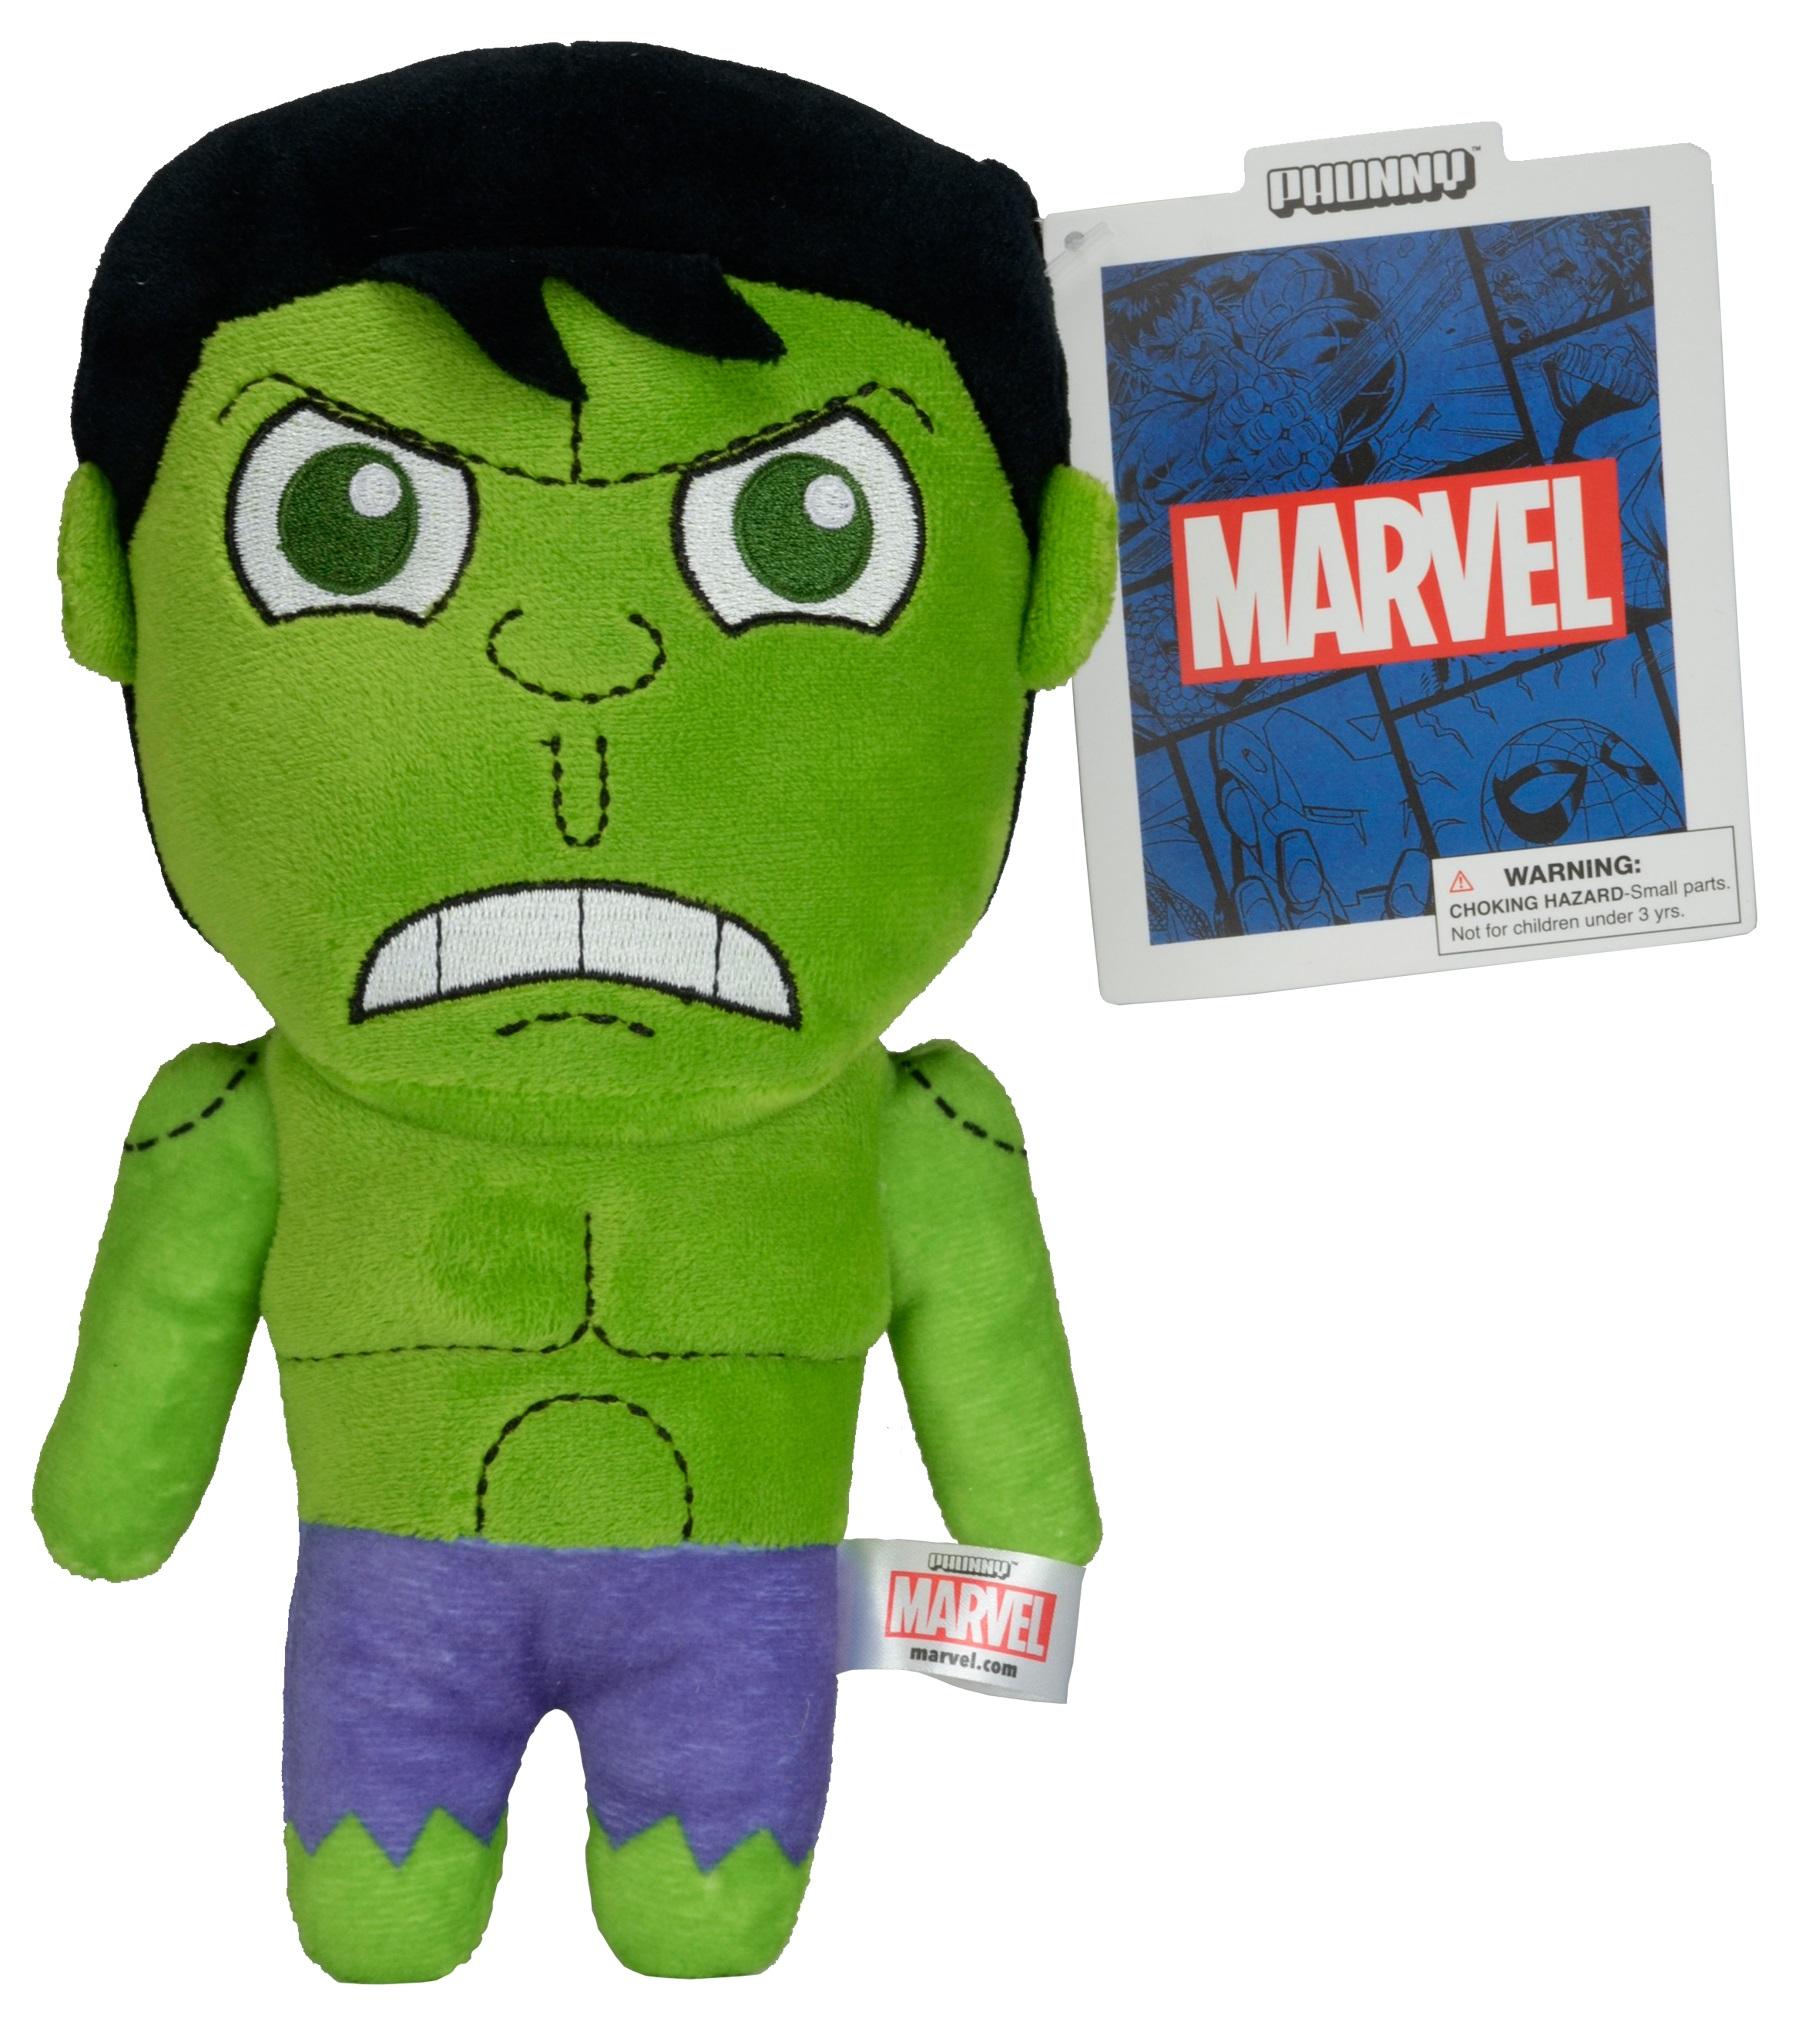 Мягкая игрушка Marvel Phunnys. Hulk (20 см)Представляем вашему вниманию мягкую игрушку Marvel Phunnys. Hulk, воплощающую собой одного из самых популярных персонажей Marvel – Халка.<br>